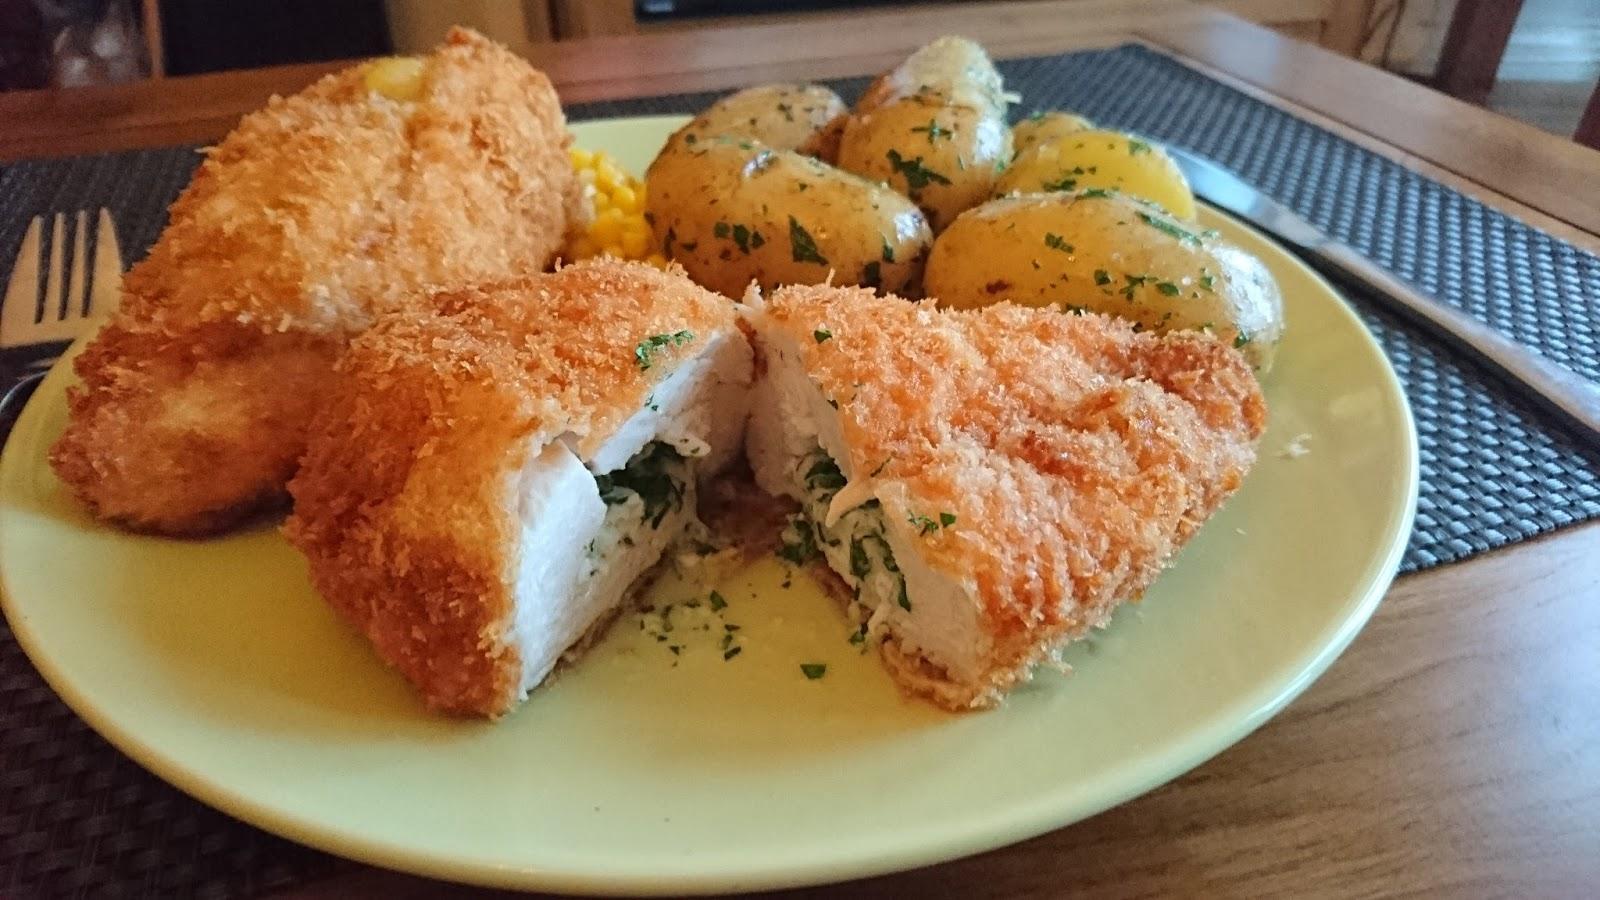 M S Chicken Kiev Recipe: Classic chicke...